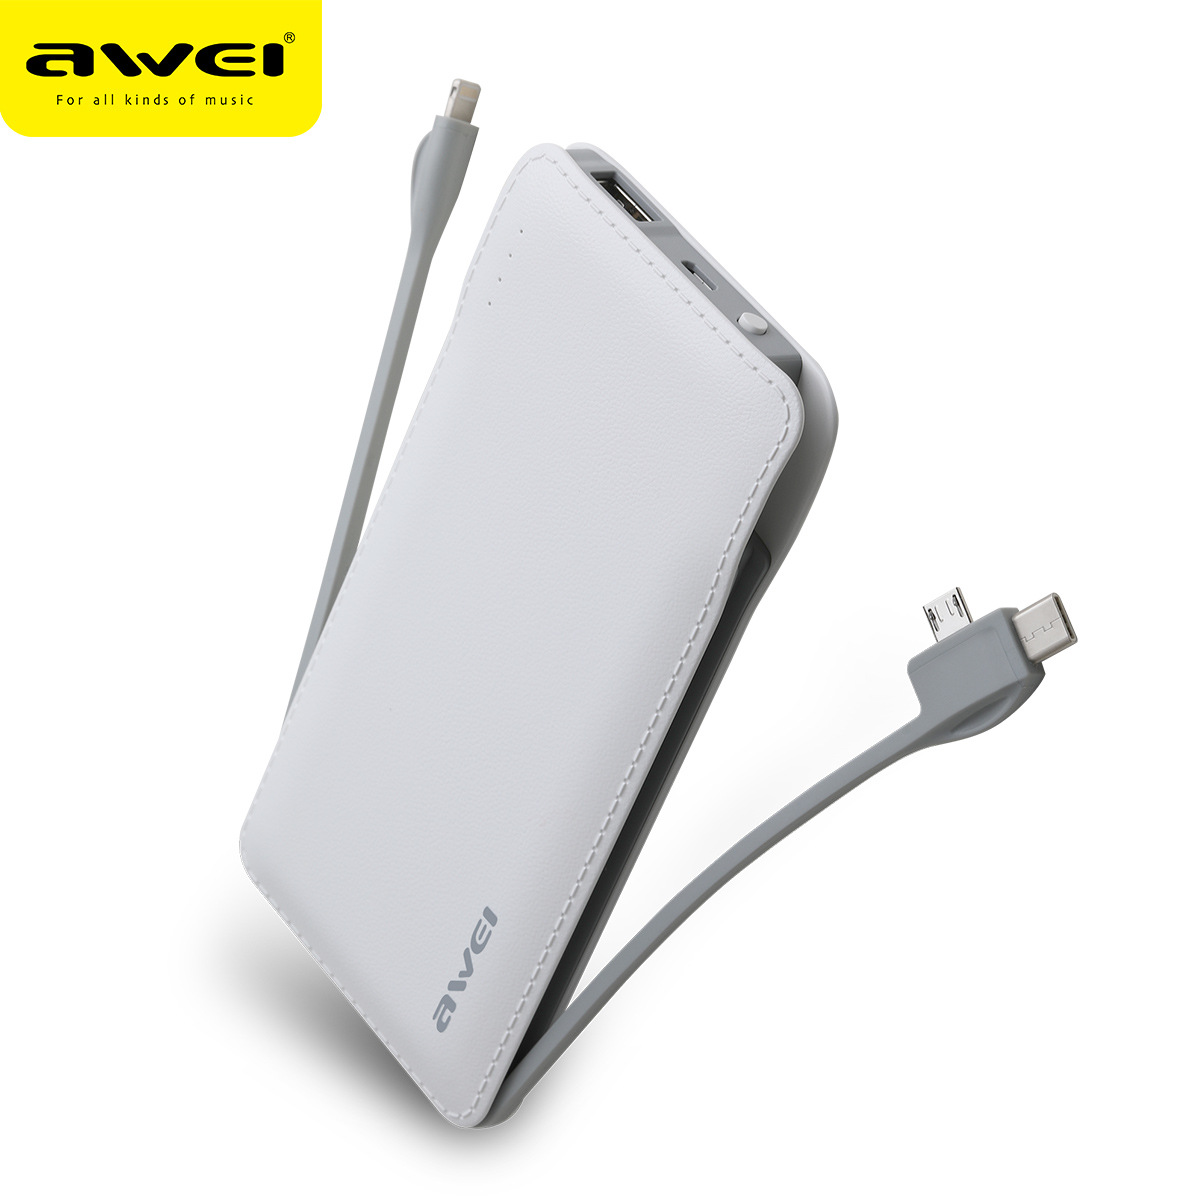 AWEI Pin sạc dự bị sử dụng dây sạc P51K kho báu di động siêu mỏng di động Android 10000mAh